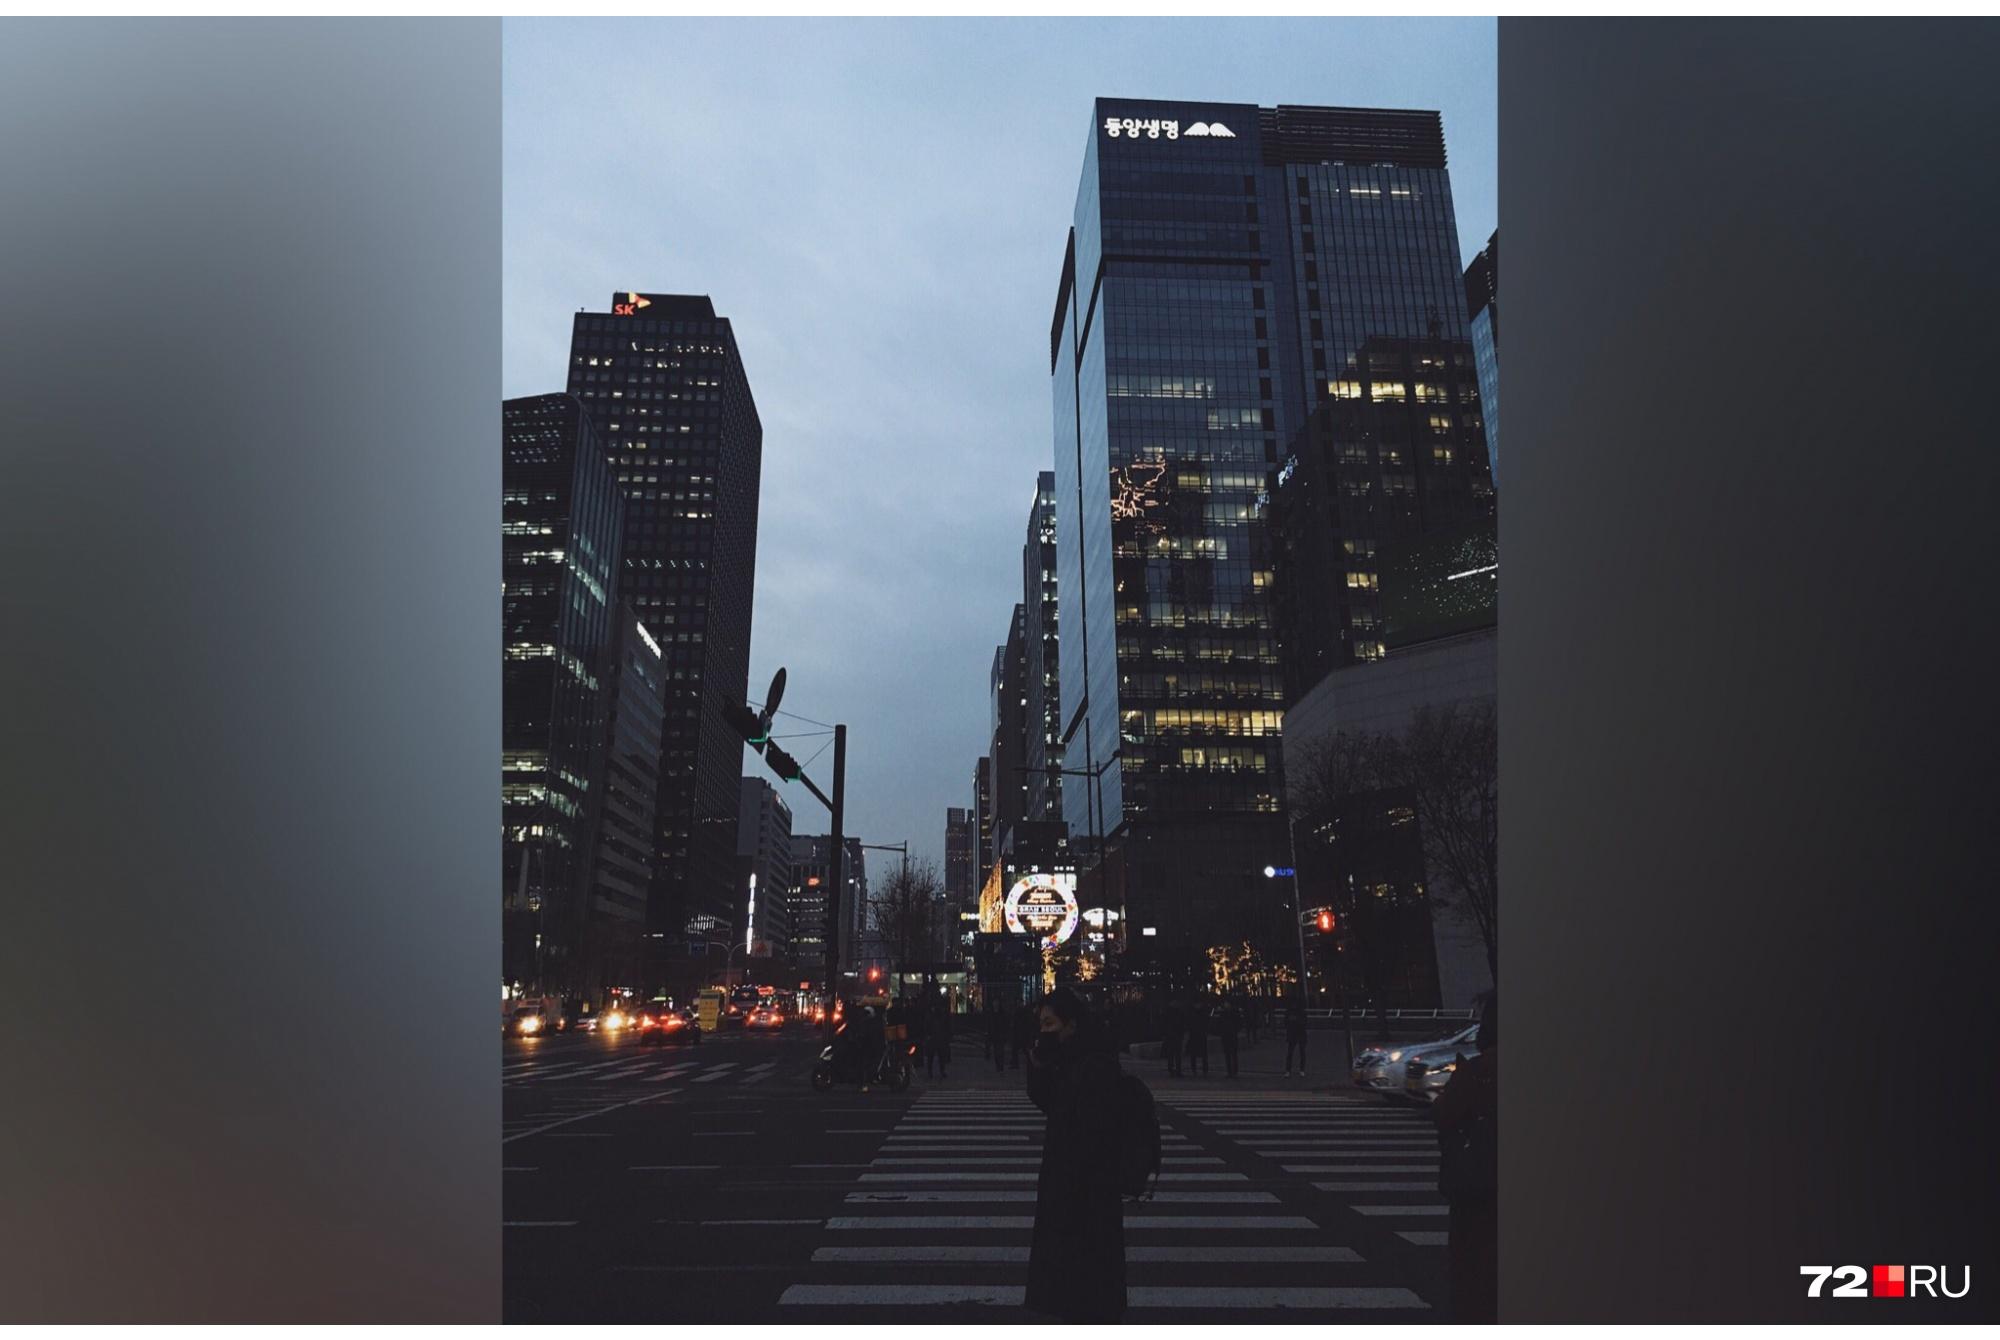 Многие сеульцы обожают ходить пешком. В центре города людно в любое время суток